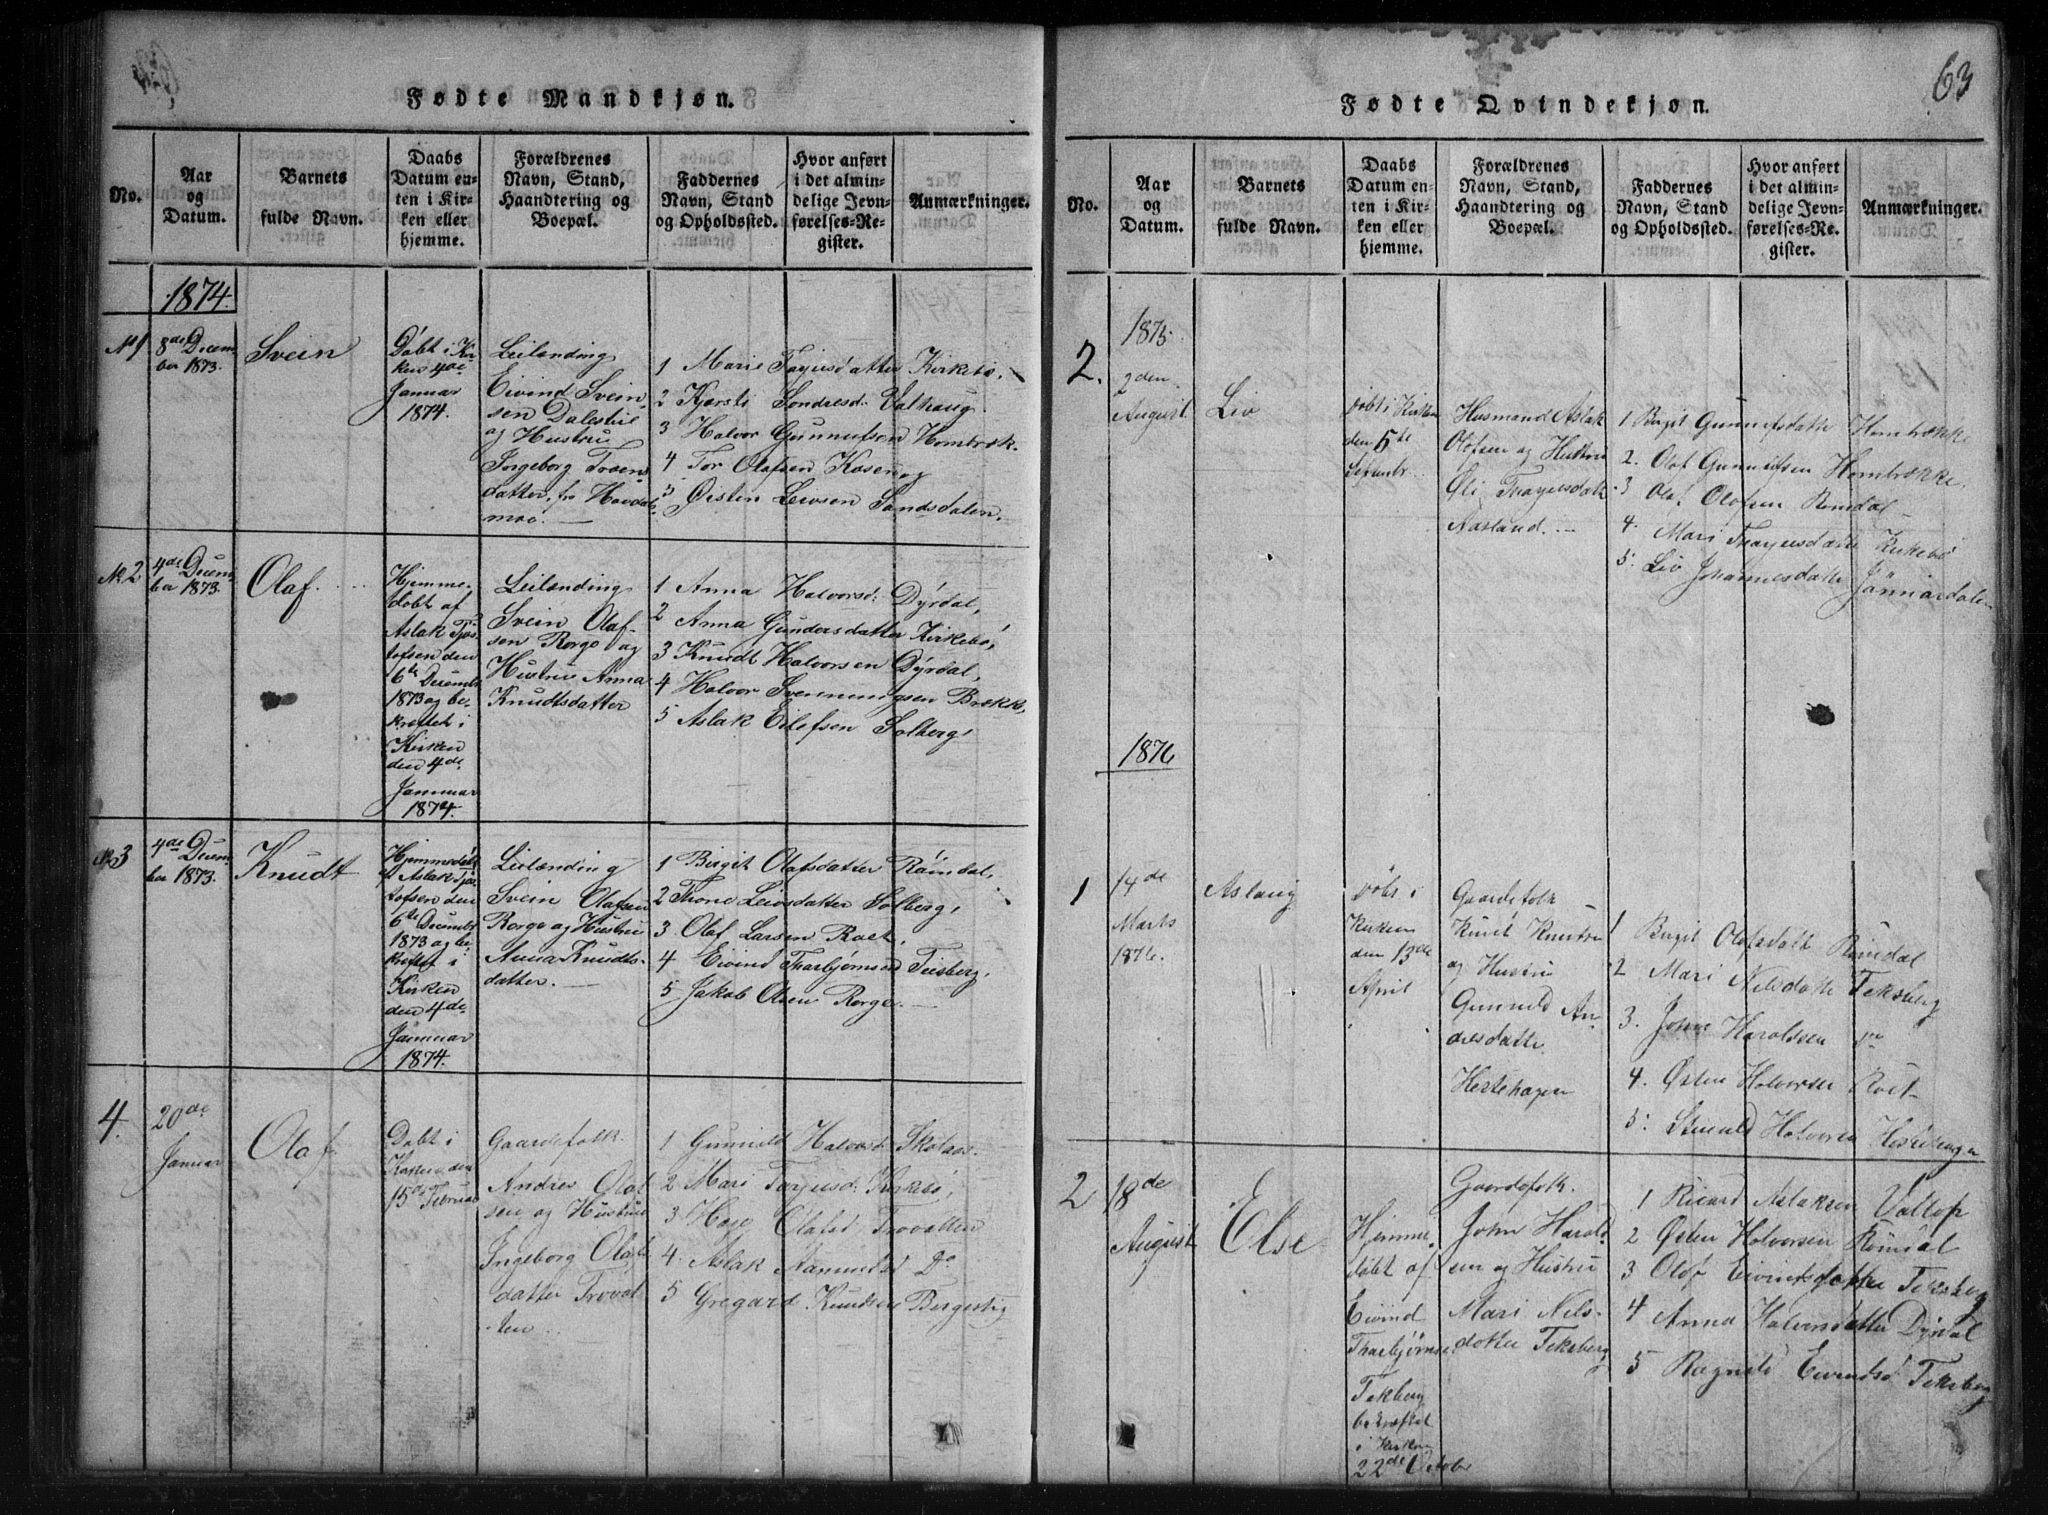 SAKO, Rauland kirkebøker, G/Gb/L0001: Klokkerbok nr. II 1, 1815-1886, s. 63